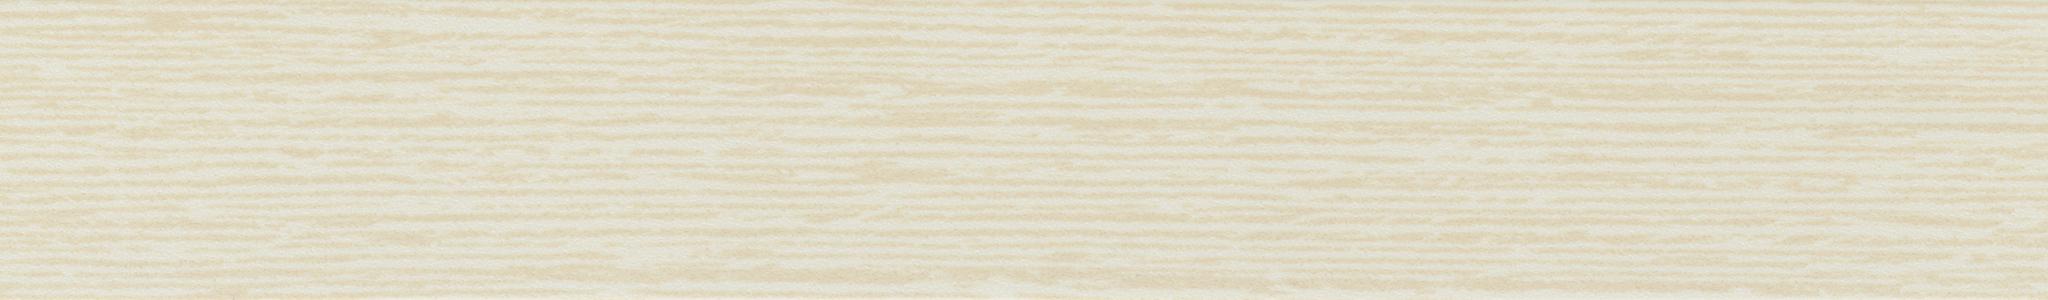 HD 282427 ABS hrana wenge světlé perla